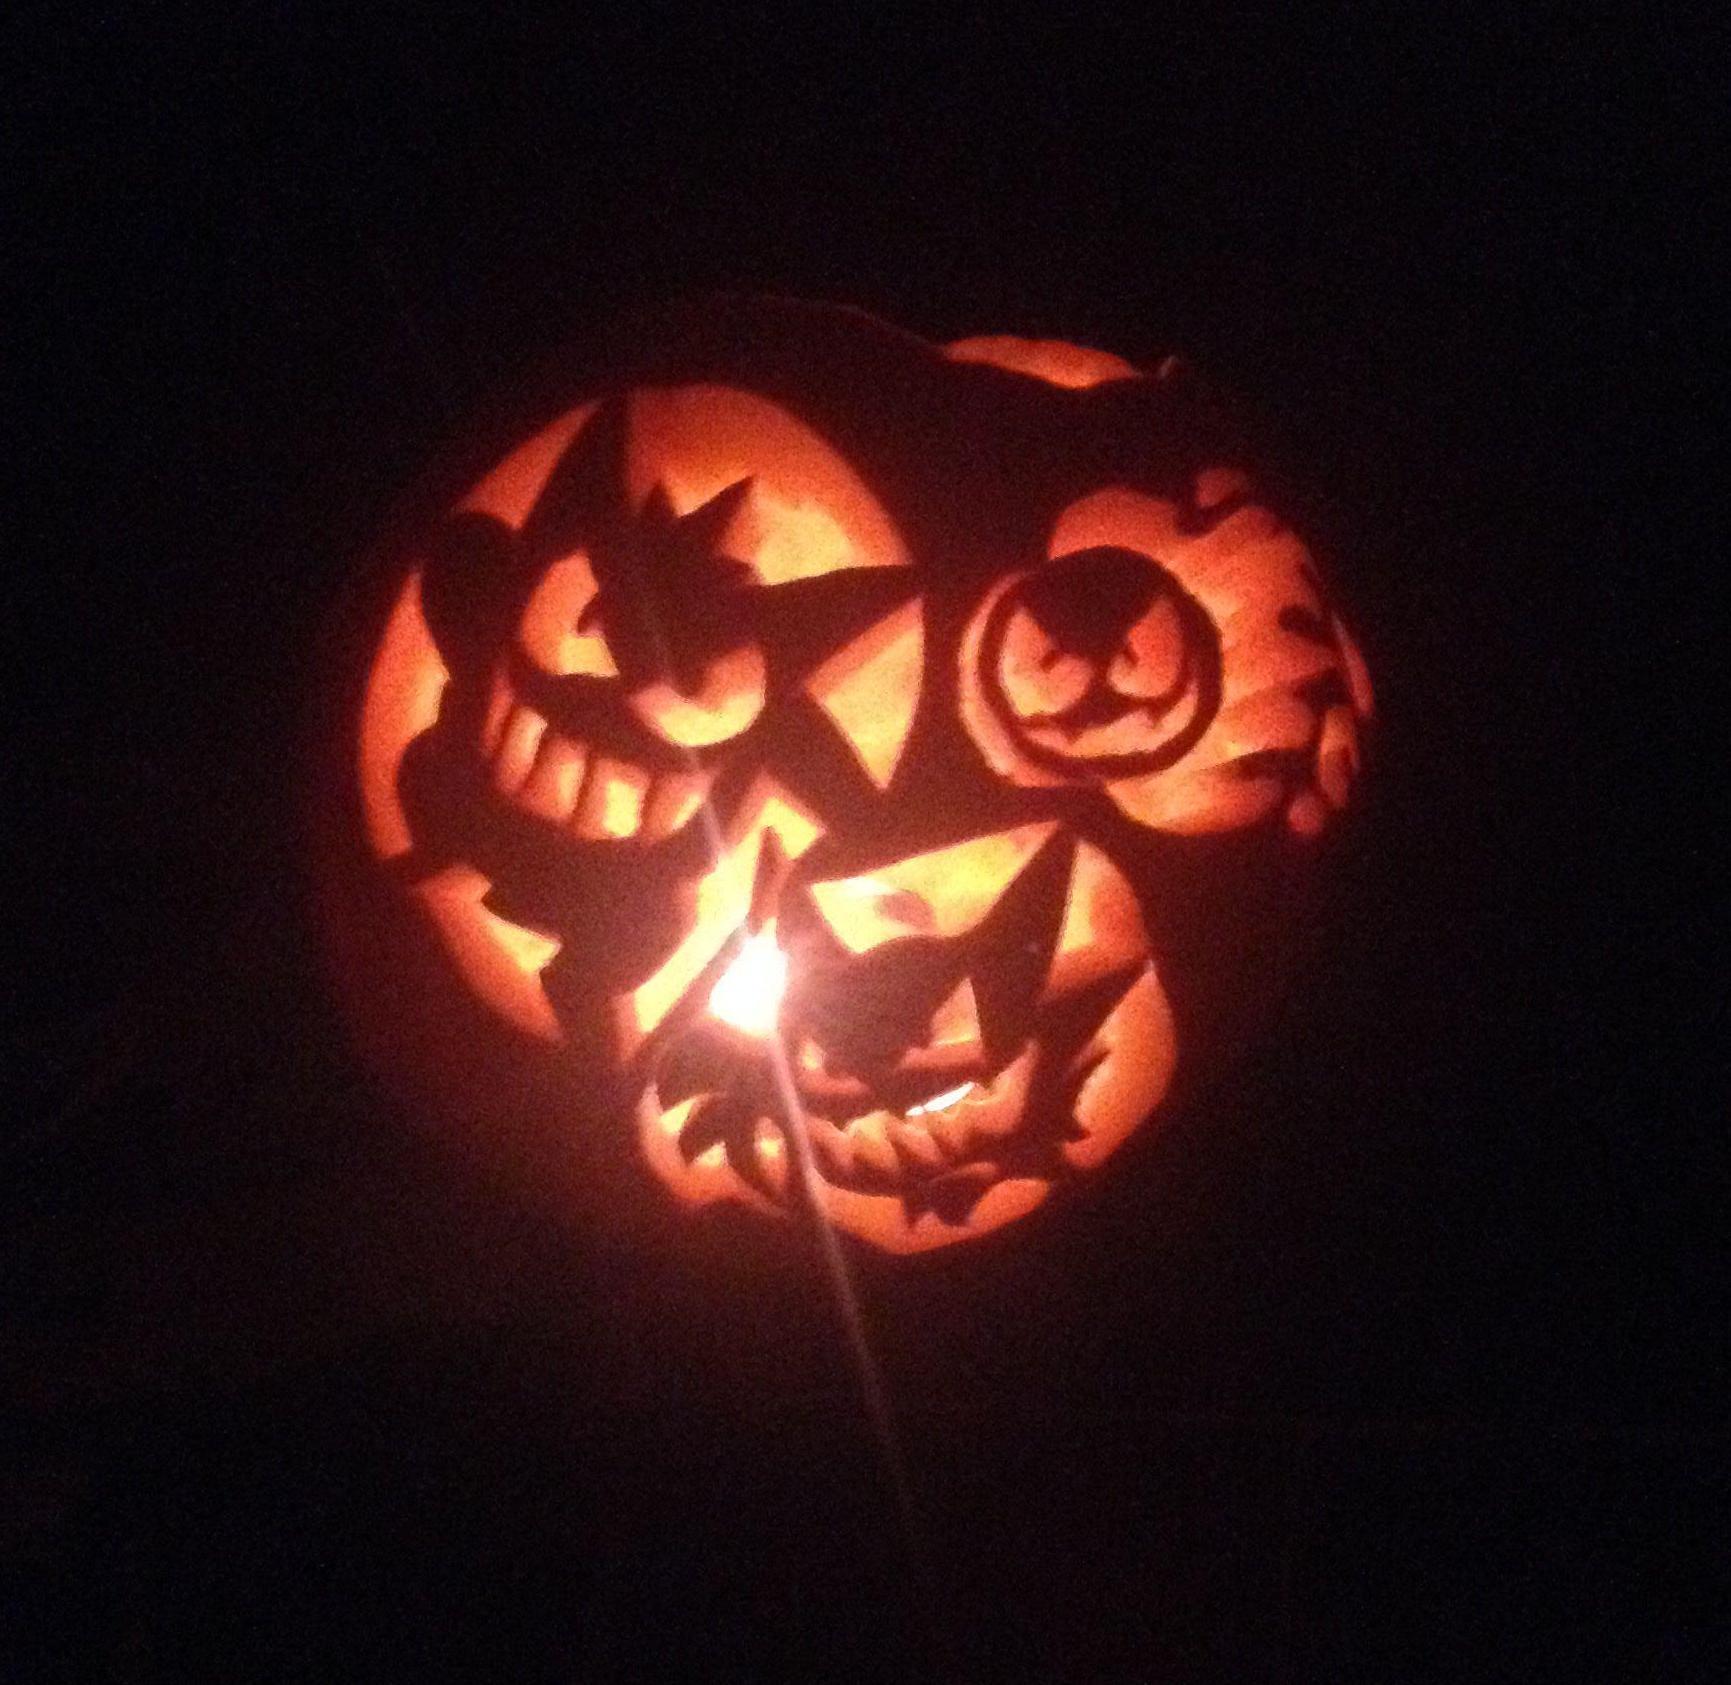 twinsfan94_Ghost_Pumpkin